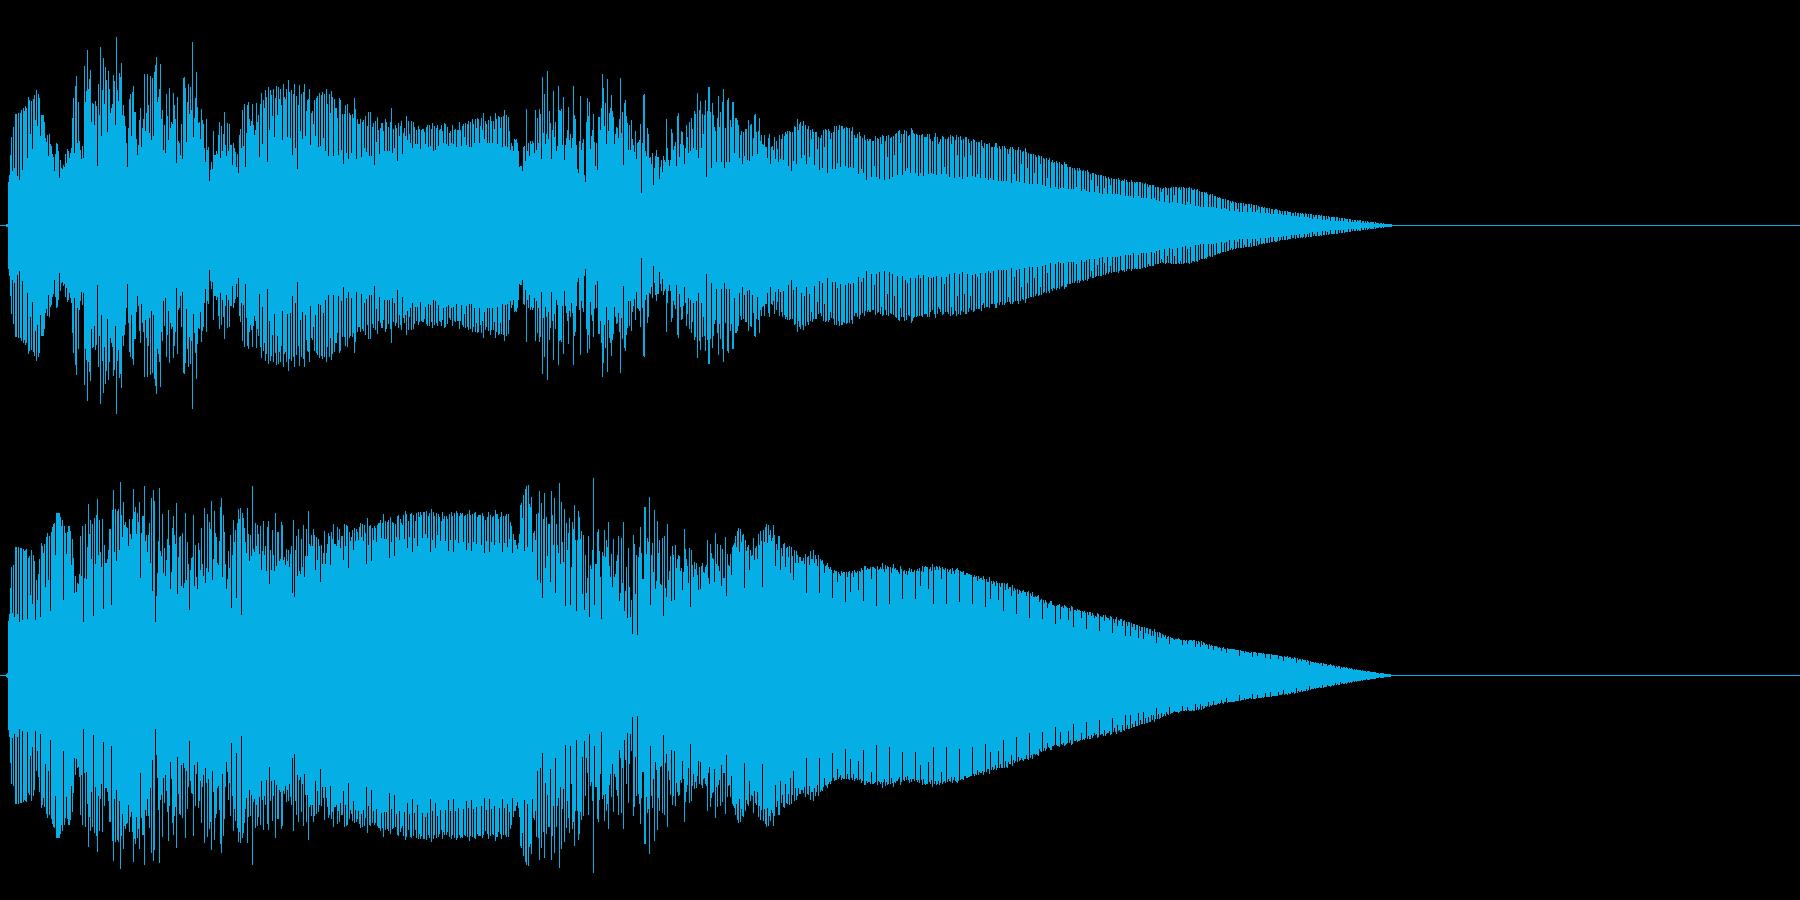 和楽器の法螺貝の王道イメージの再生済みの波形